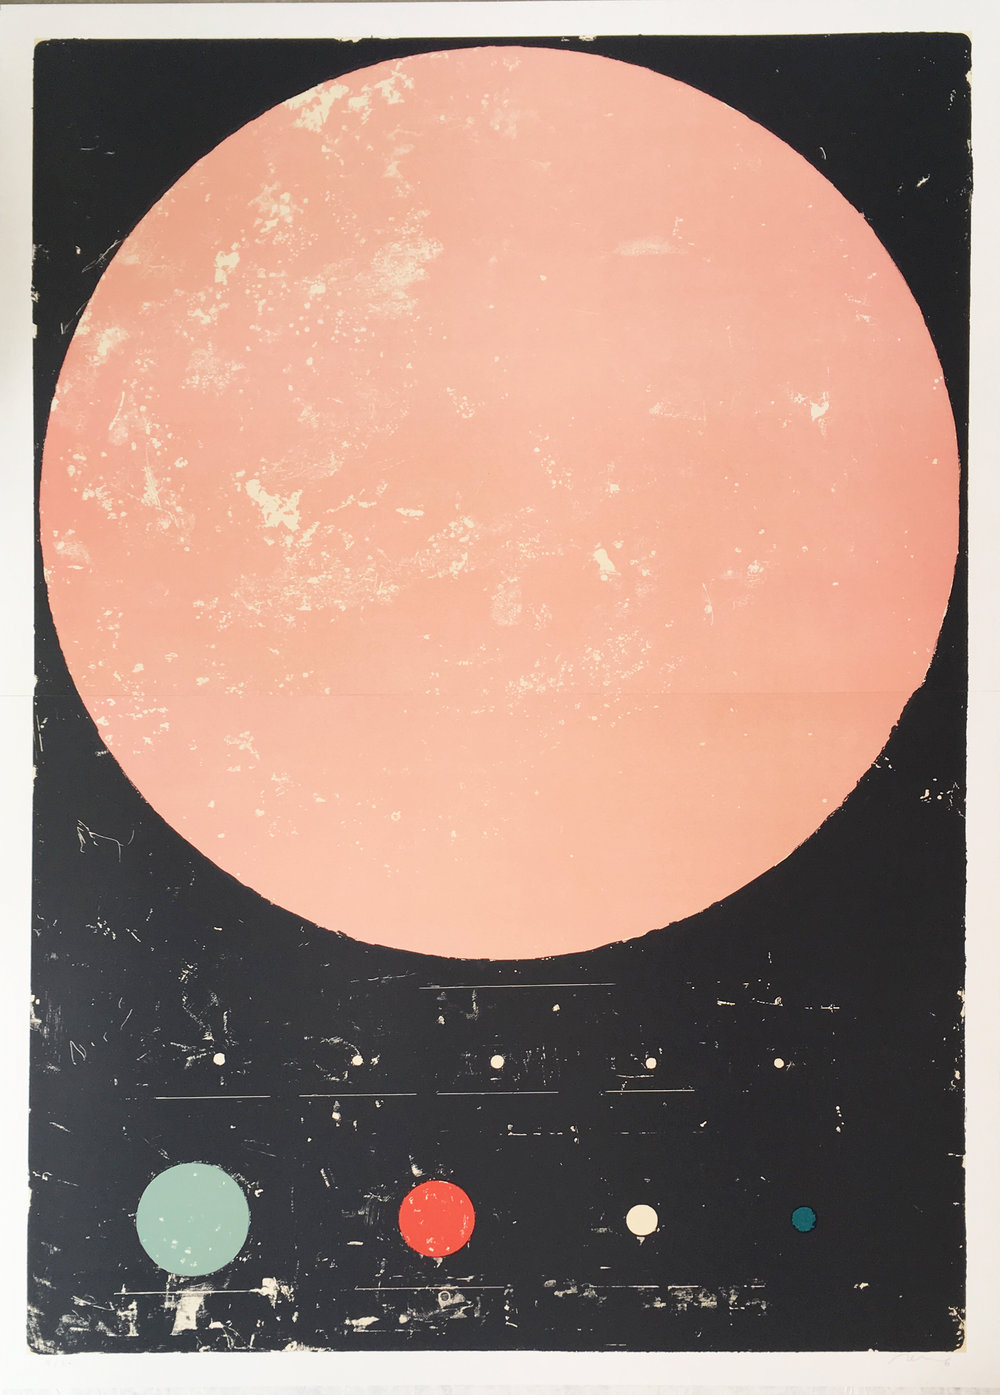 Regina Giménez | Sem título | 2018 | litografia | 143 x 103 cm | Edição 20